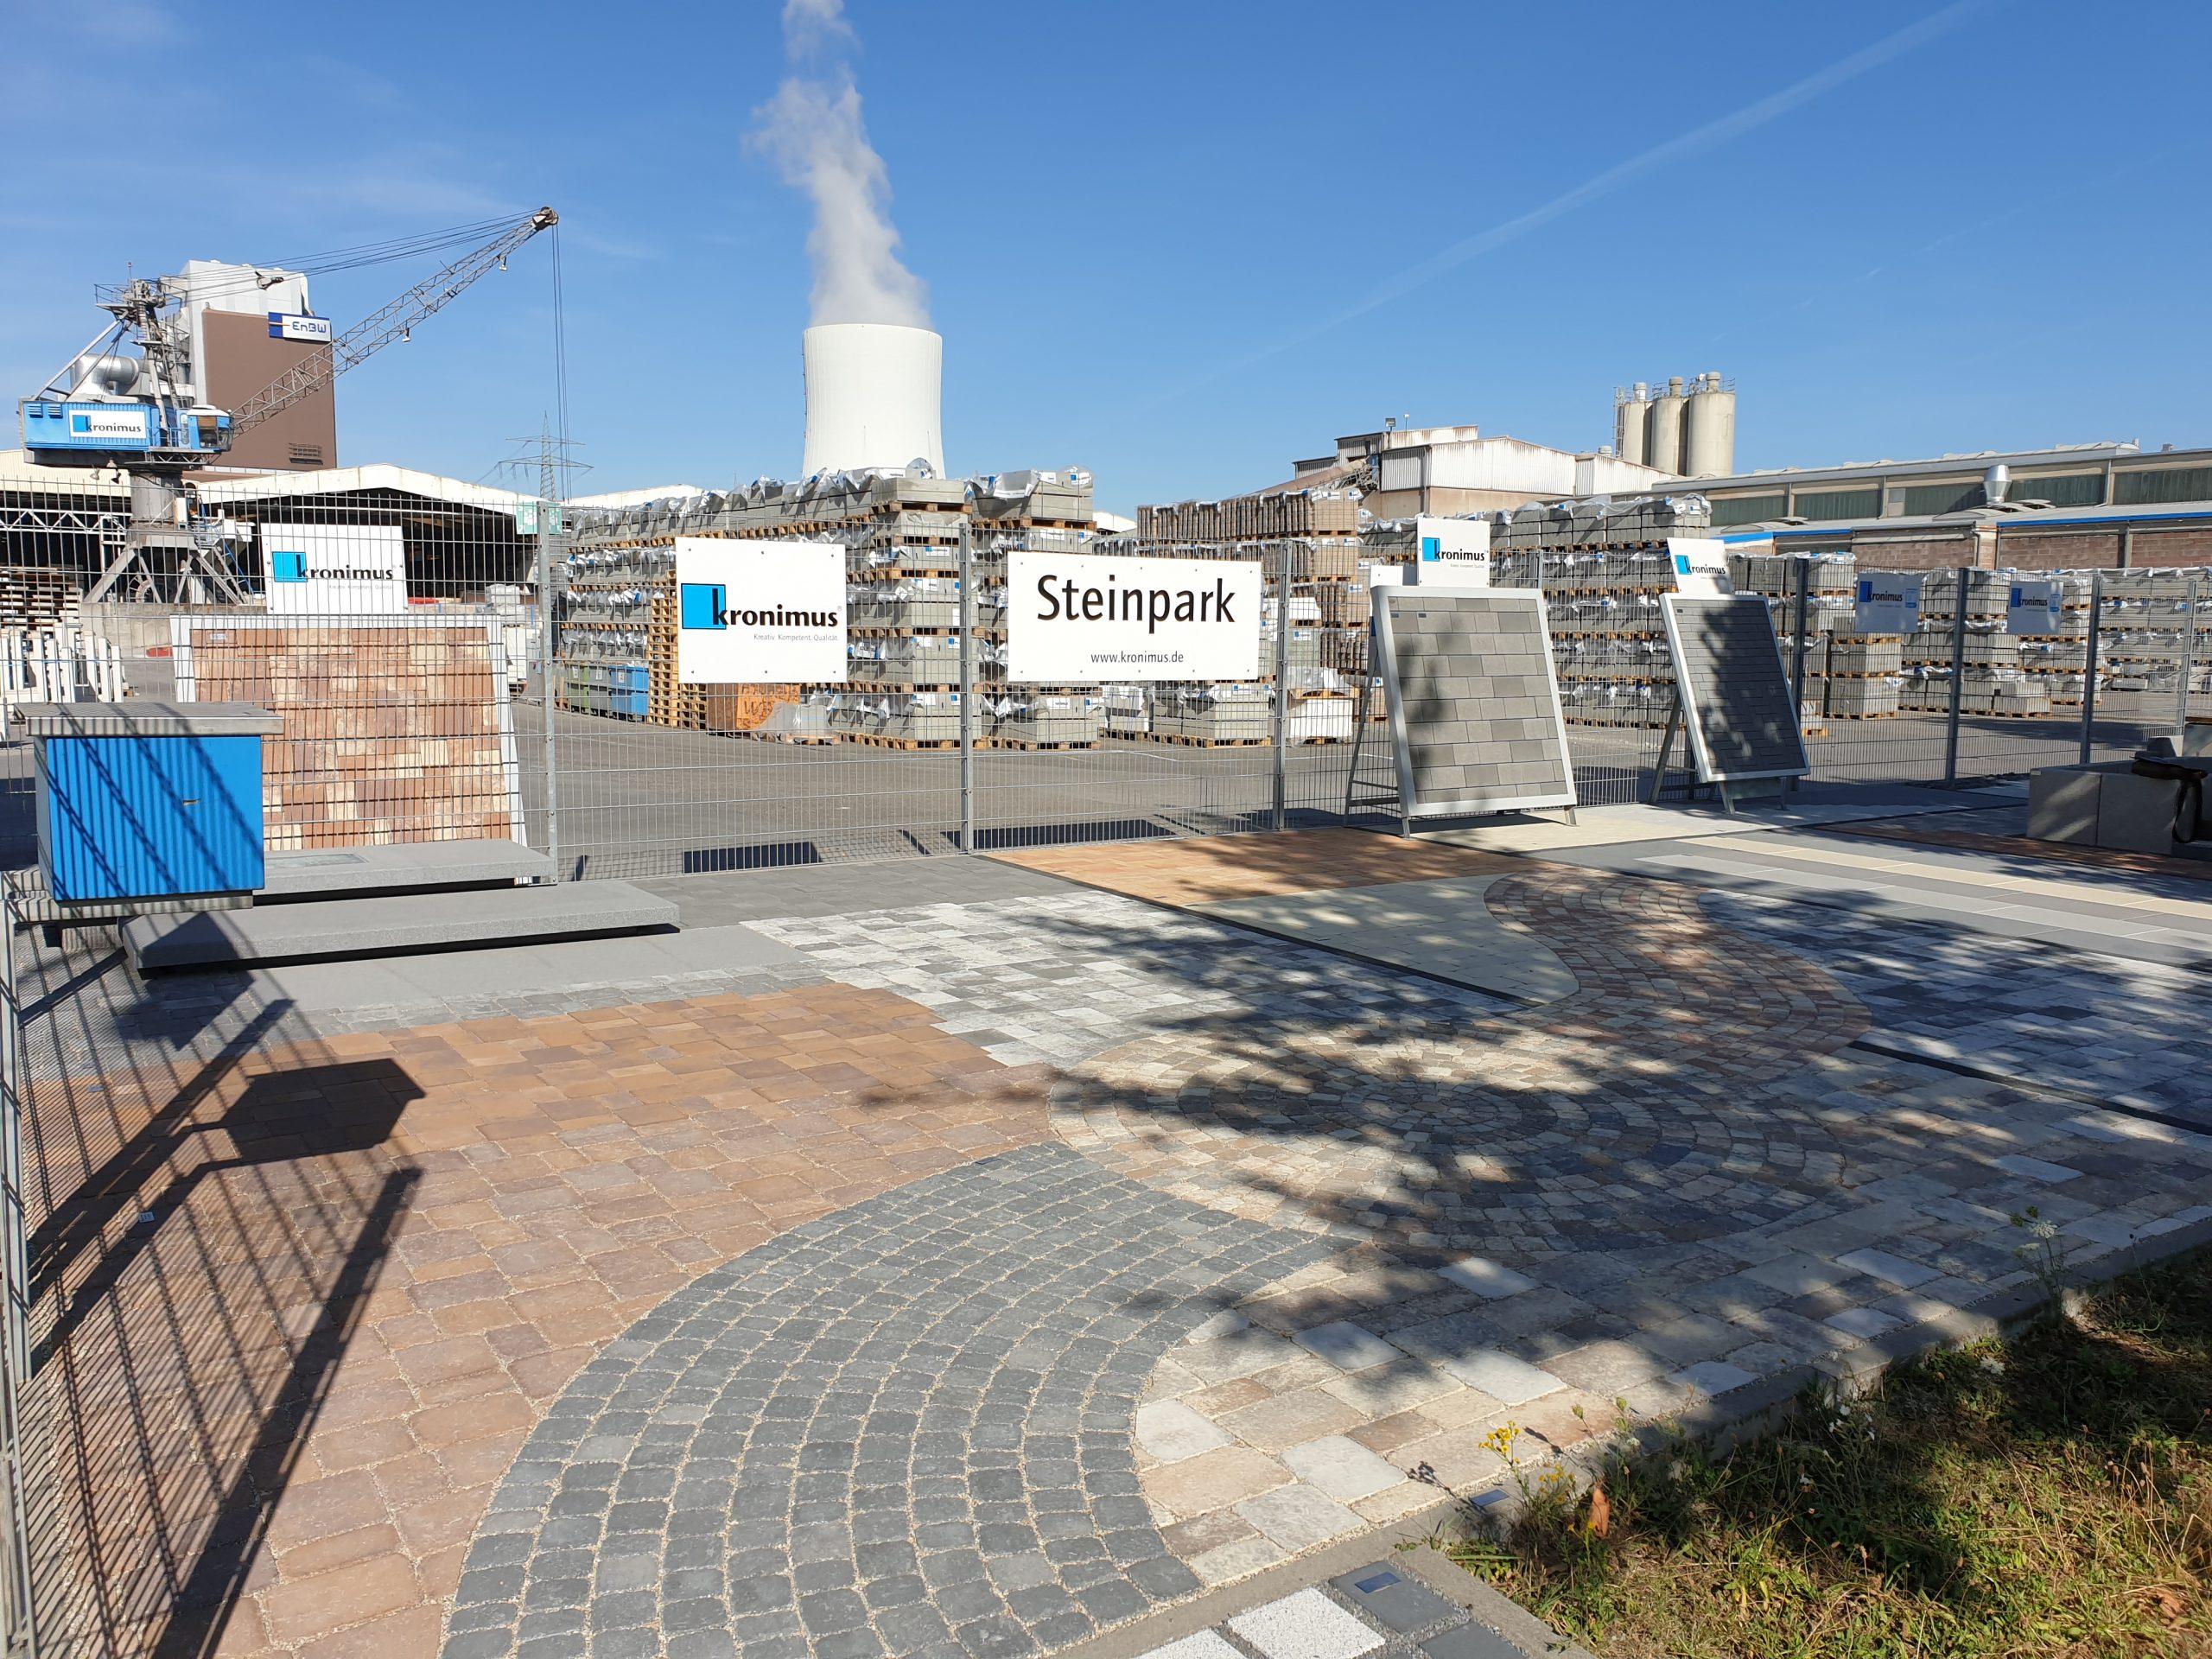 Eingang des Steinparks der Kronimus AG am Standort Heilbronn mit vielen Pflastersteinen.